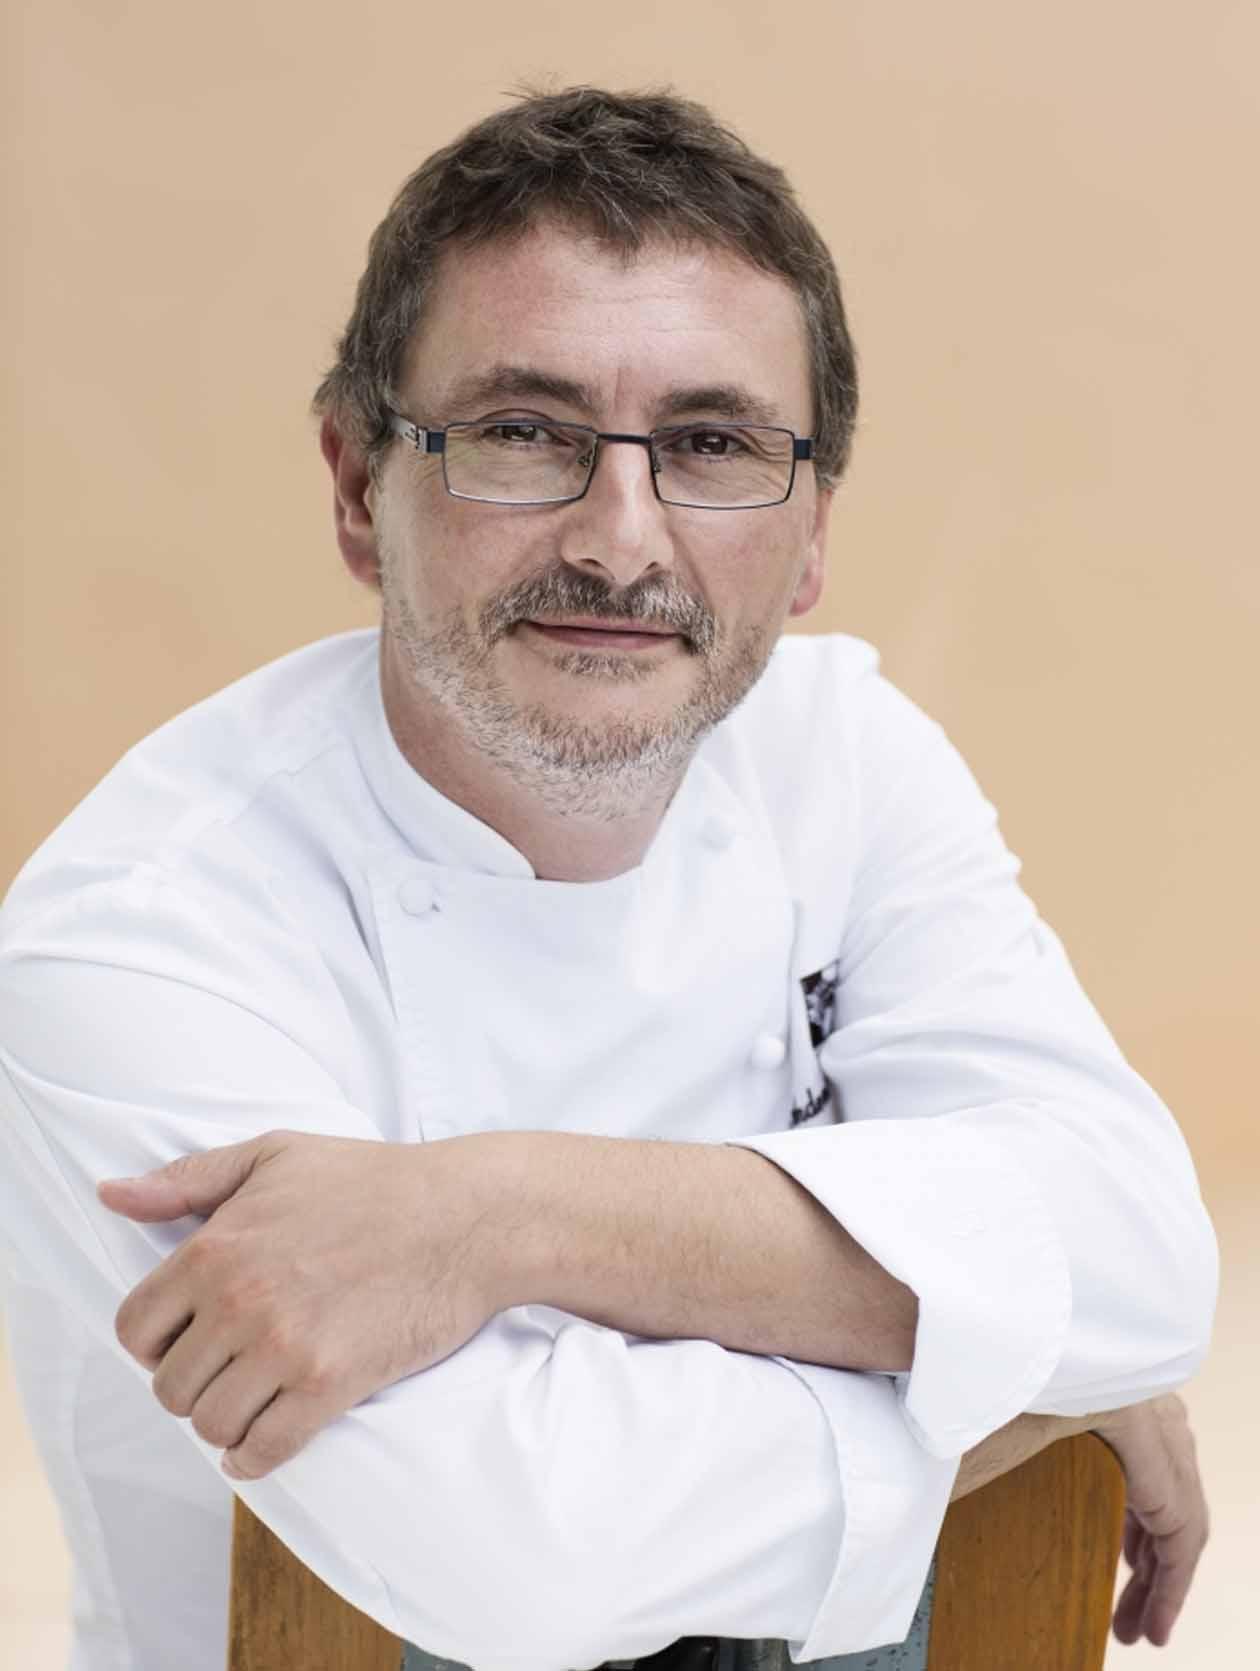 Os 30 chefs e chefs mais famosos da história 2